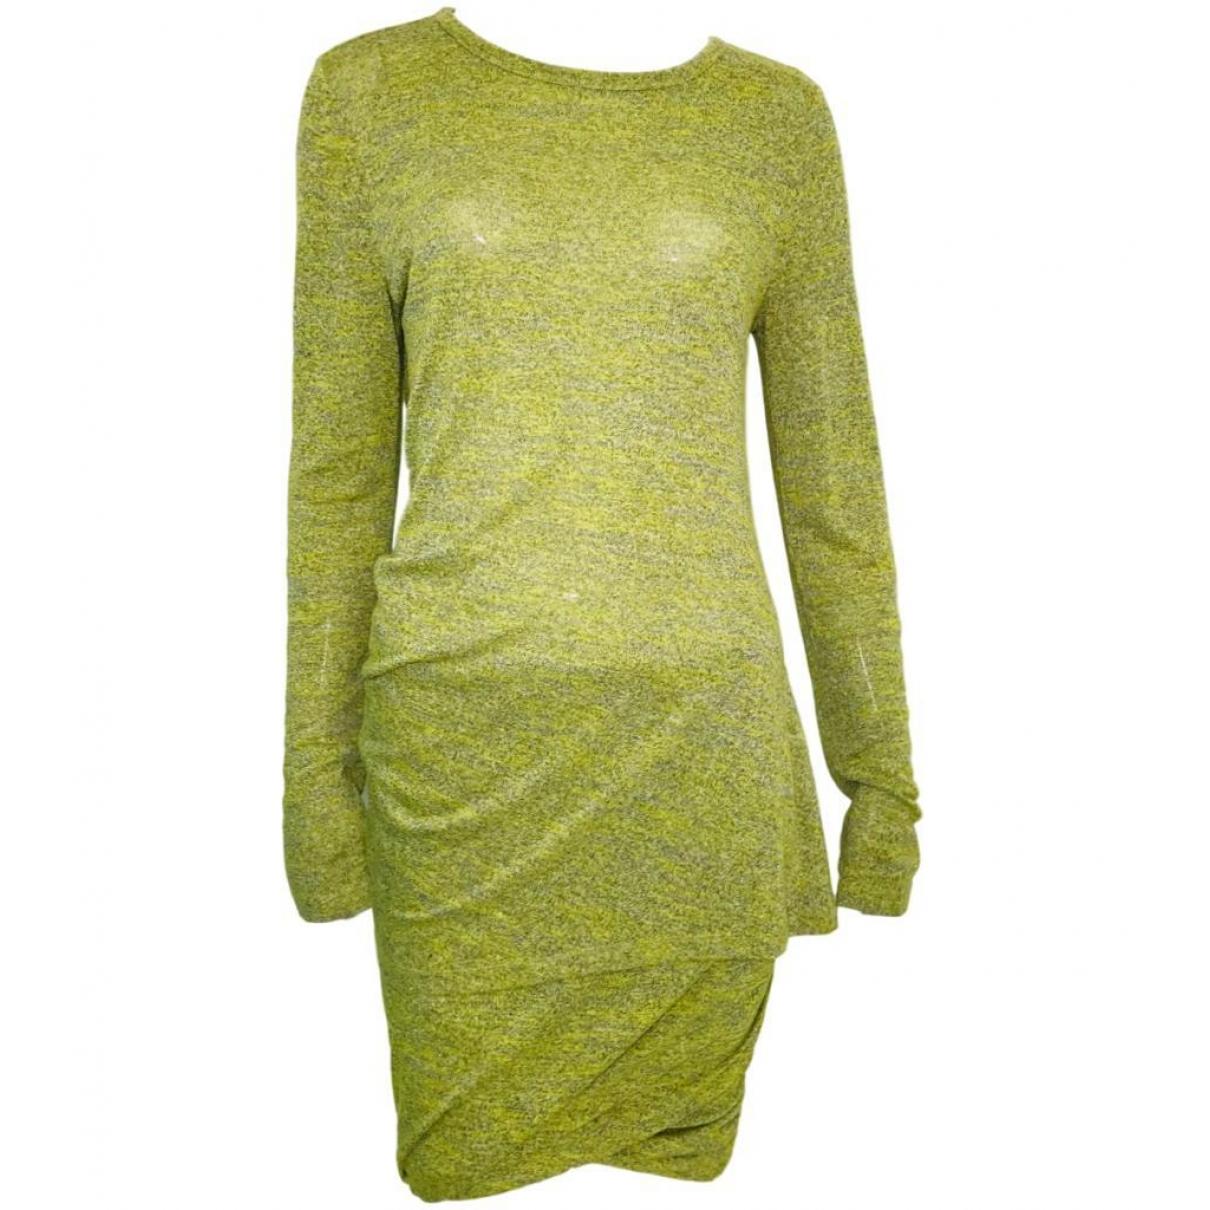 Alexander Wang \N Green Cotton dress for Women M International